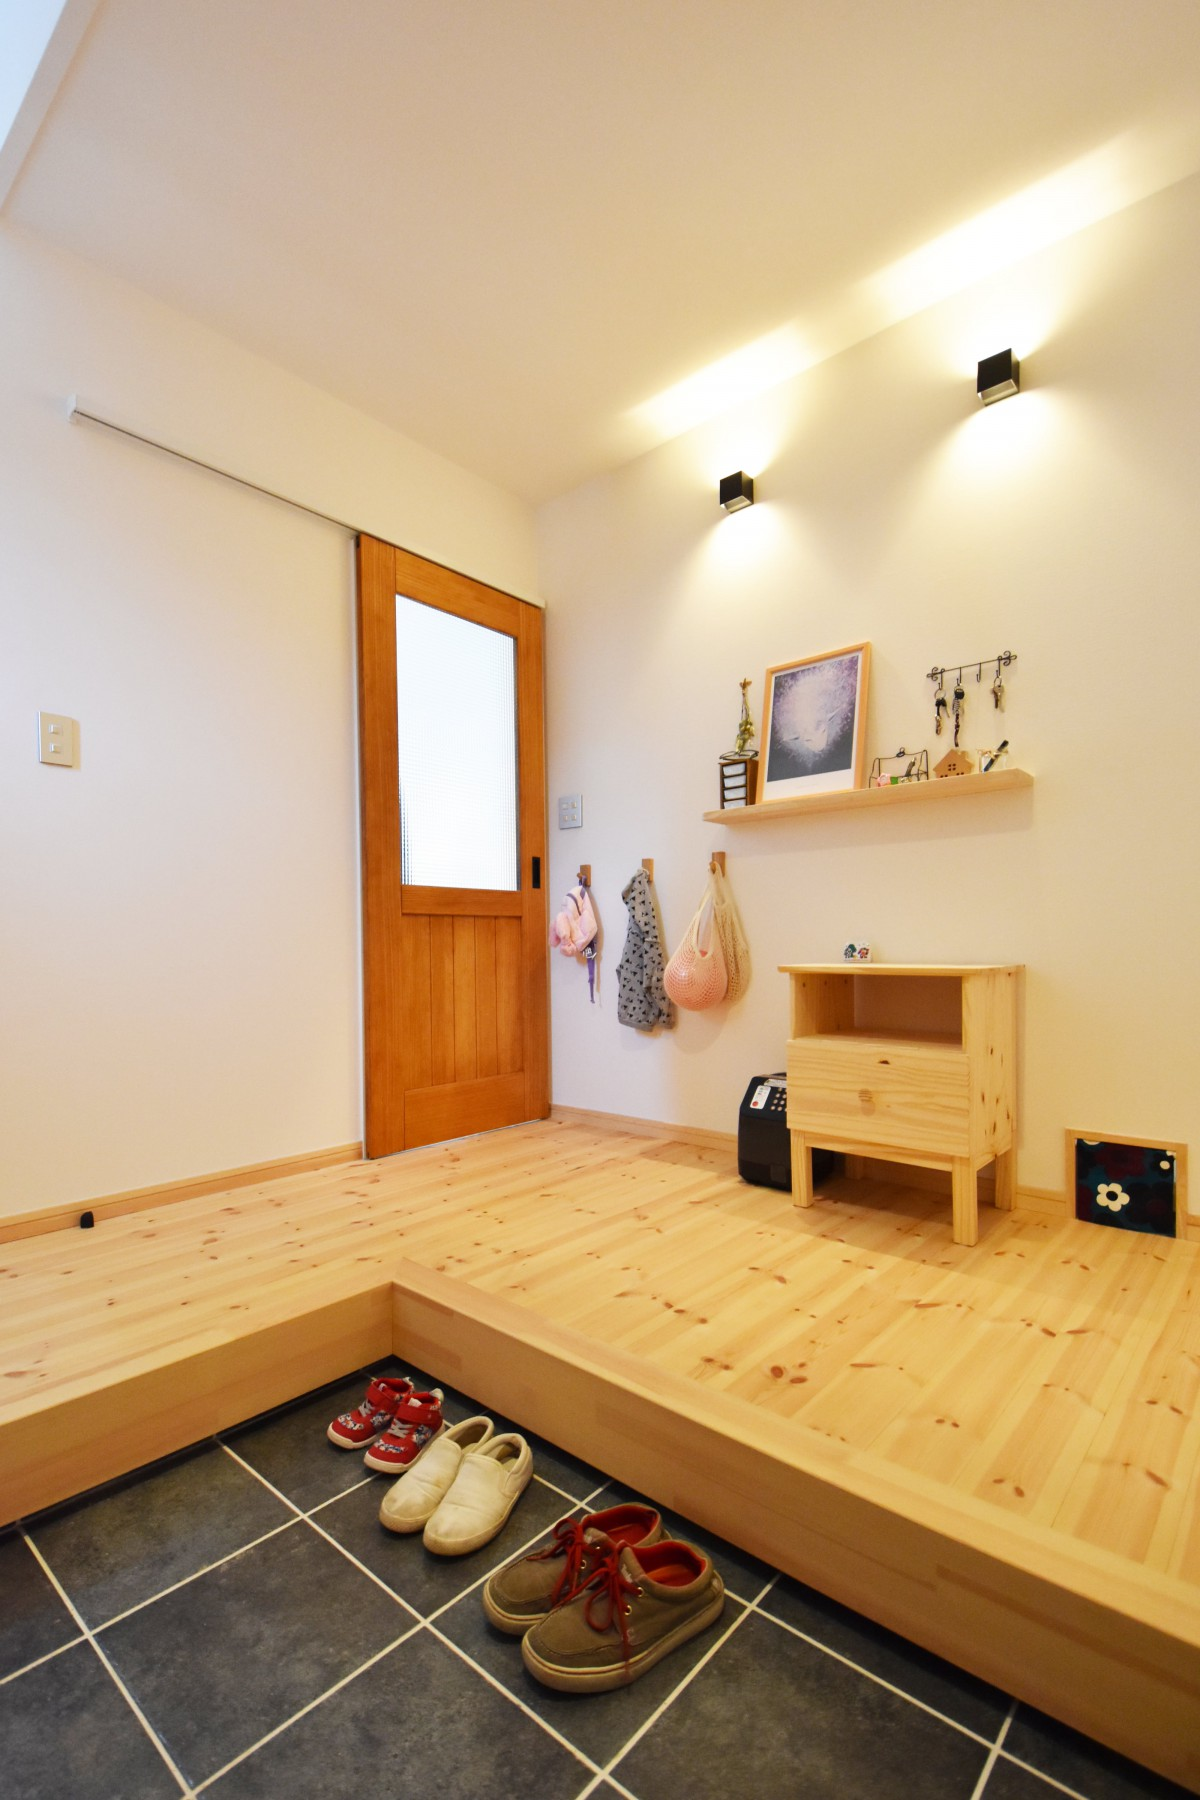 自然素材のパインの床と無垢のドアがあたたかい室内を演出。